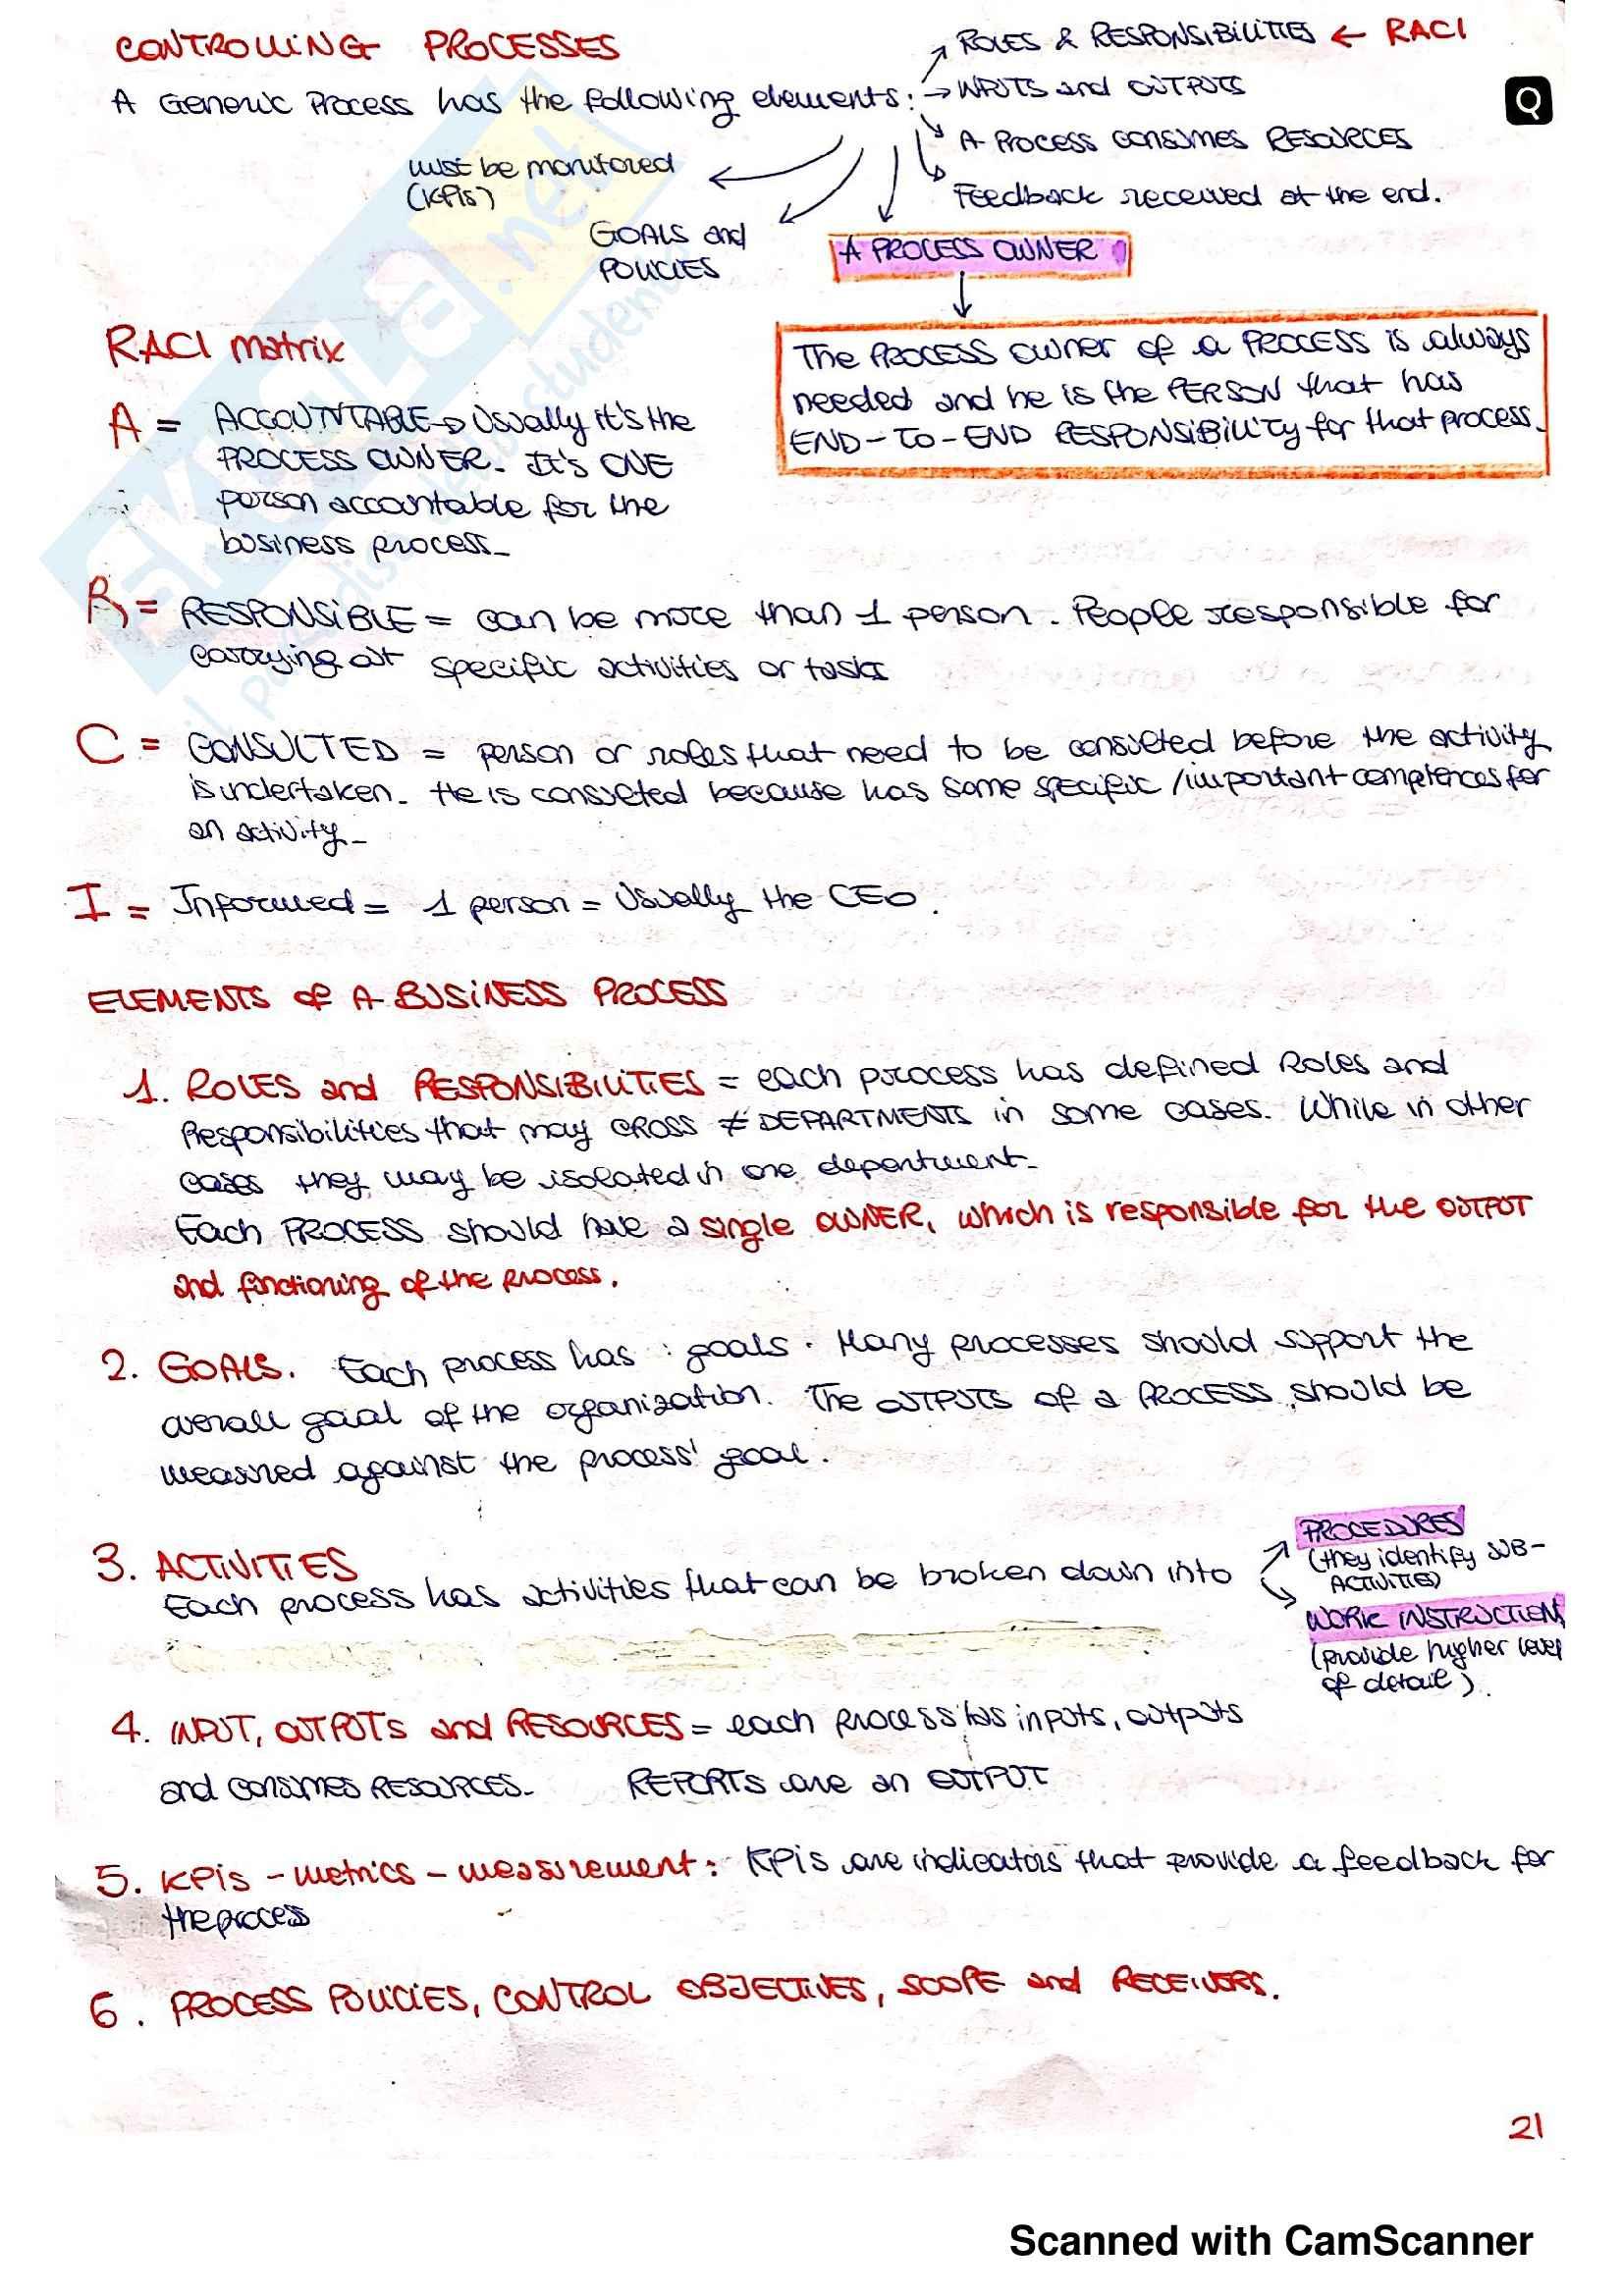 Appunti completi del corso Facility Management Pag. 21